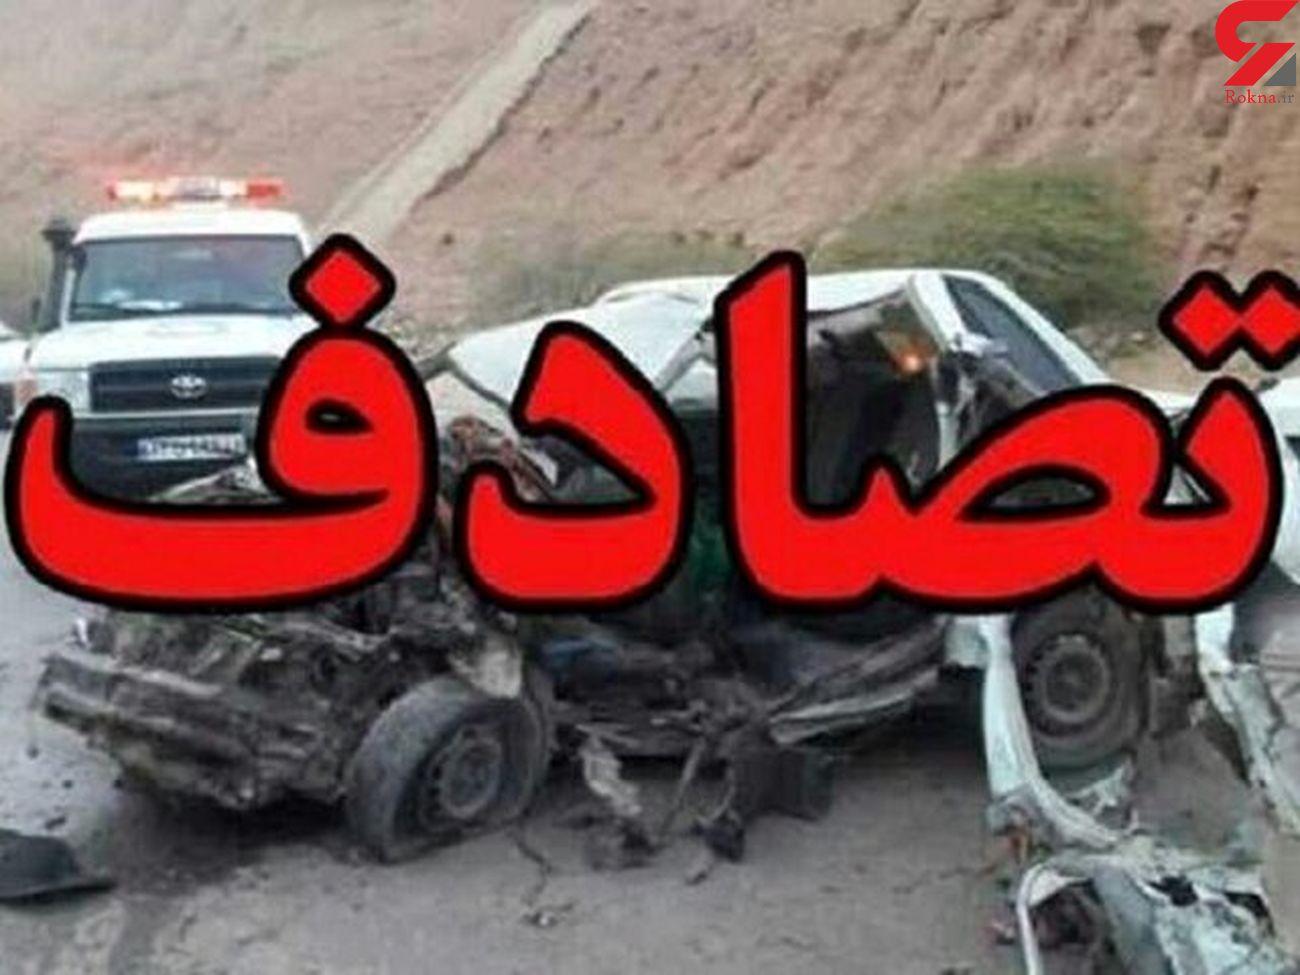 نجات معجزه آسا راننده از تصادف هولناک / ماشین دو نیم شد + فیلم